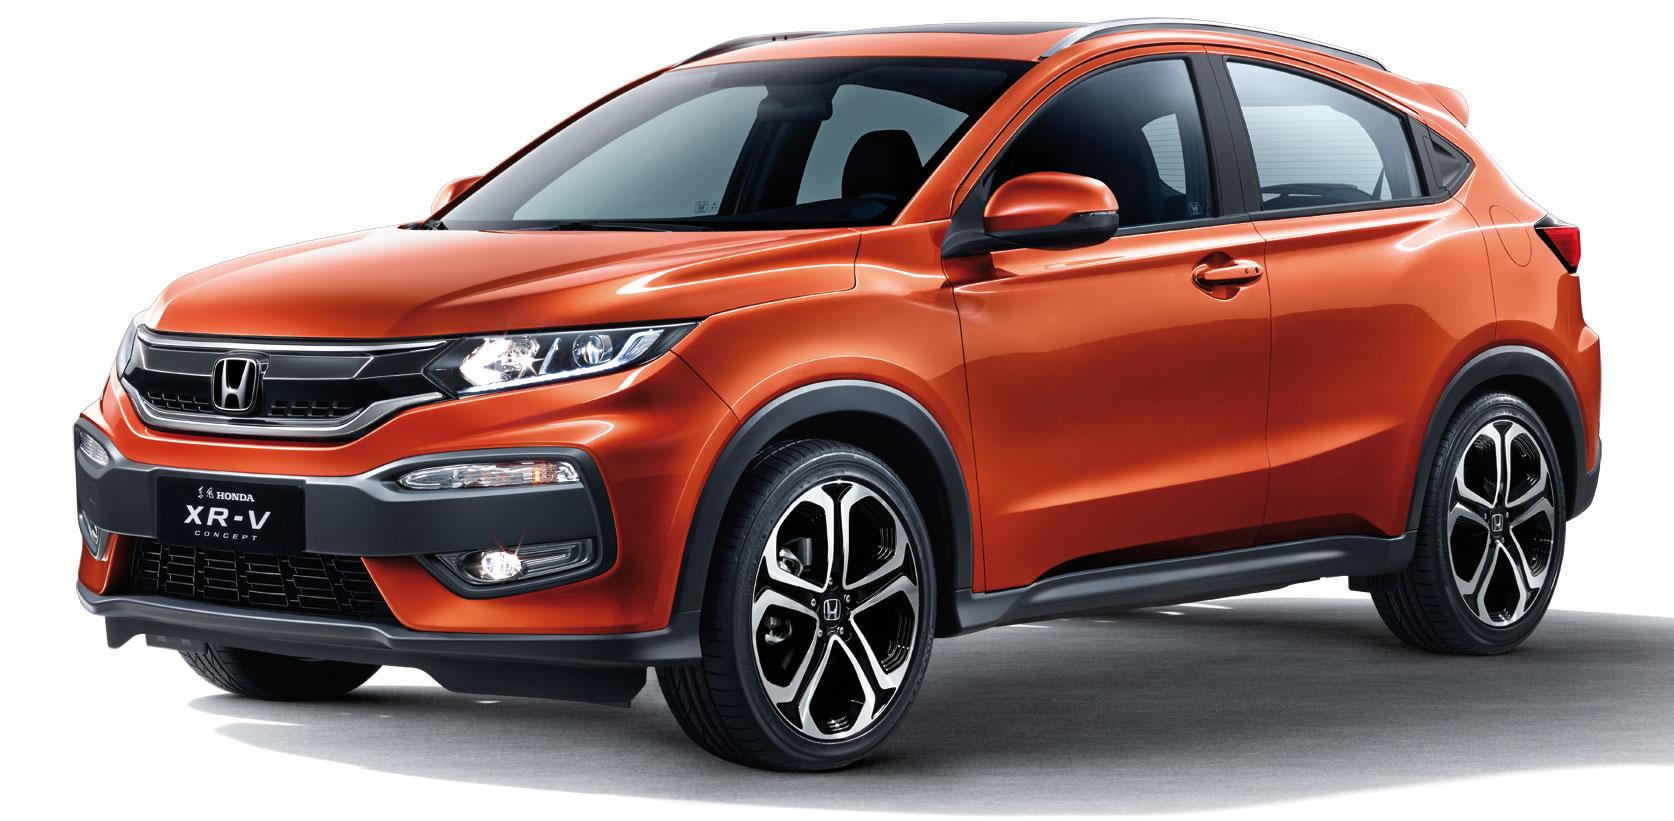 Honda XR-V - China's HR-V/Vezel gets its own looks Image ...